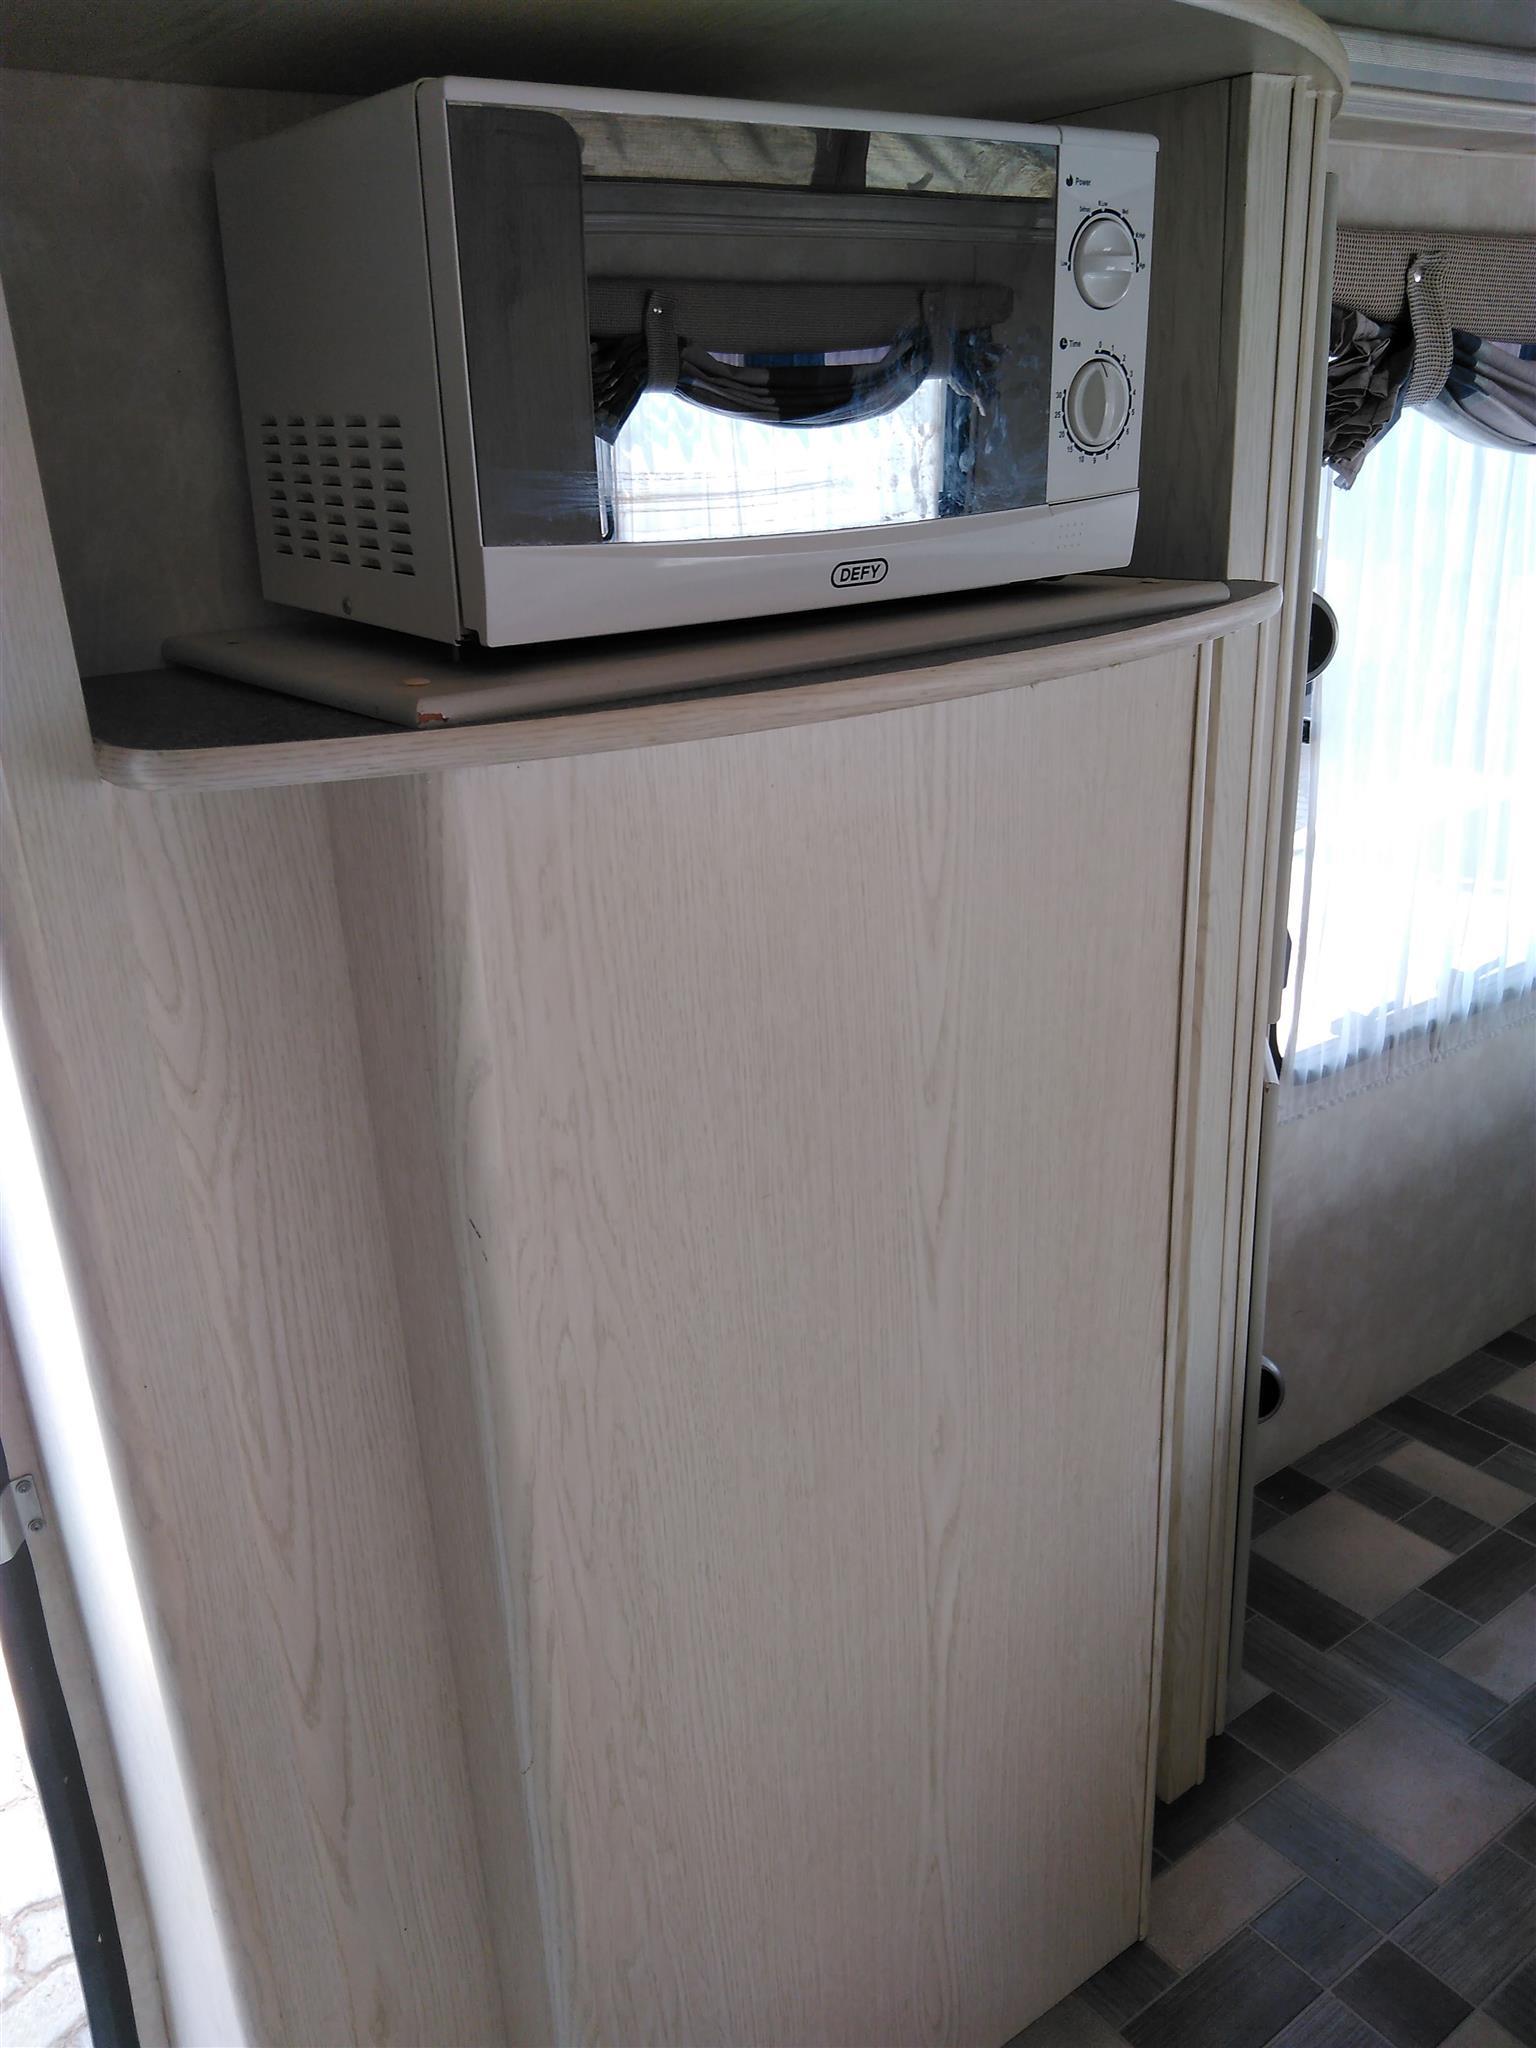 Sprite Splash 2007 WAS R134900 NOW R129900